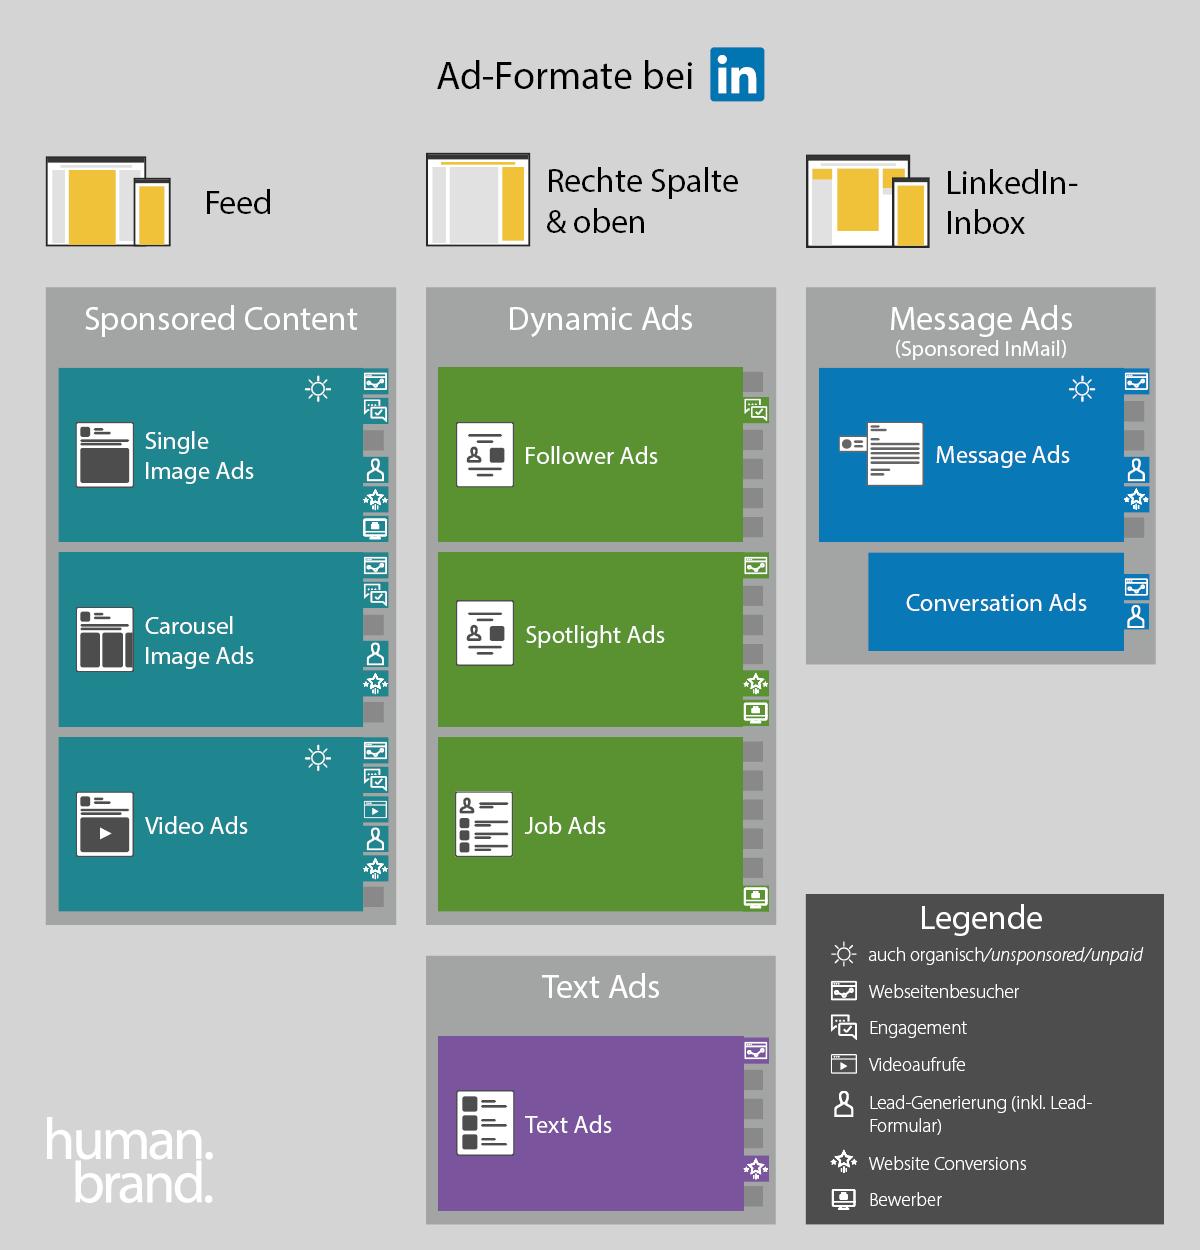 Eine Infografik zeigt die verfügbaren Formate für LinkedIn-Ads sowie ihre jeweilige Platzierung auf der Plattform und die damit verfolgbaren Ziele.